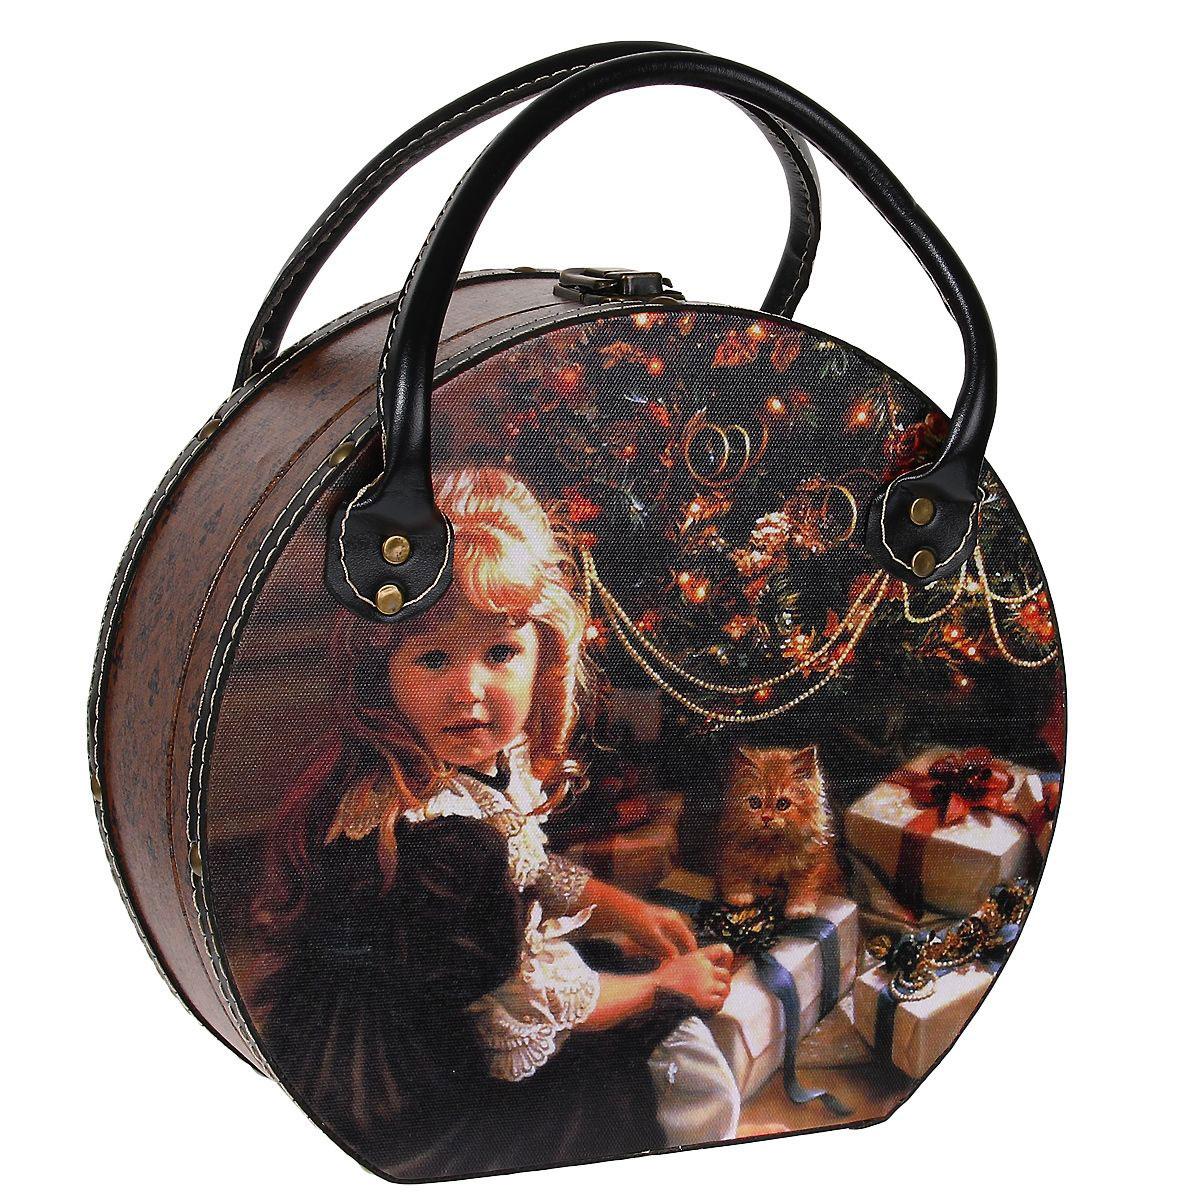 Шкатулка для хранения Девочка с котенком, 25,5 см х 23,5 см х 10,5 смTL3764LШкатулка для хранения Девочка с котенком, выполненная из МДФ, оснащена удобным металлическим замком и двумя ручками для удобной транспортировки шкатулки. Шкатулка, выполненная в виде сумки-чемоданчика, обтянута по всей поверхности текстилем с изображением милой девочки с рыжим котенком. Края шкатулки декорированы искусственной кожей и металлическими клепками. Внутри шкатулки имеется одно вместительное отделение, также обтянутое текстилем. Шкатулка для хранения Девочка с котенком станет оригинальным украшением интерьера и позволит хранить множество украшений, бижутерии, а также предметов шитья или рукоделия.